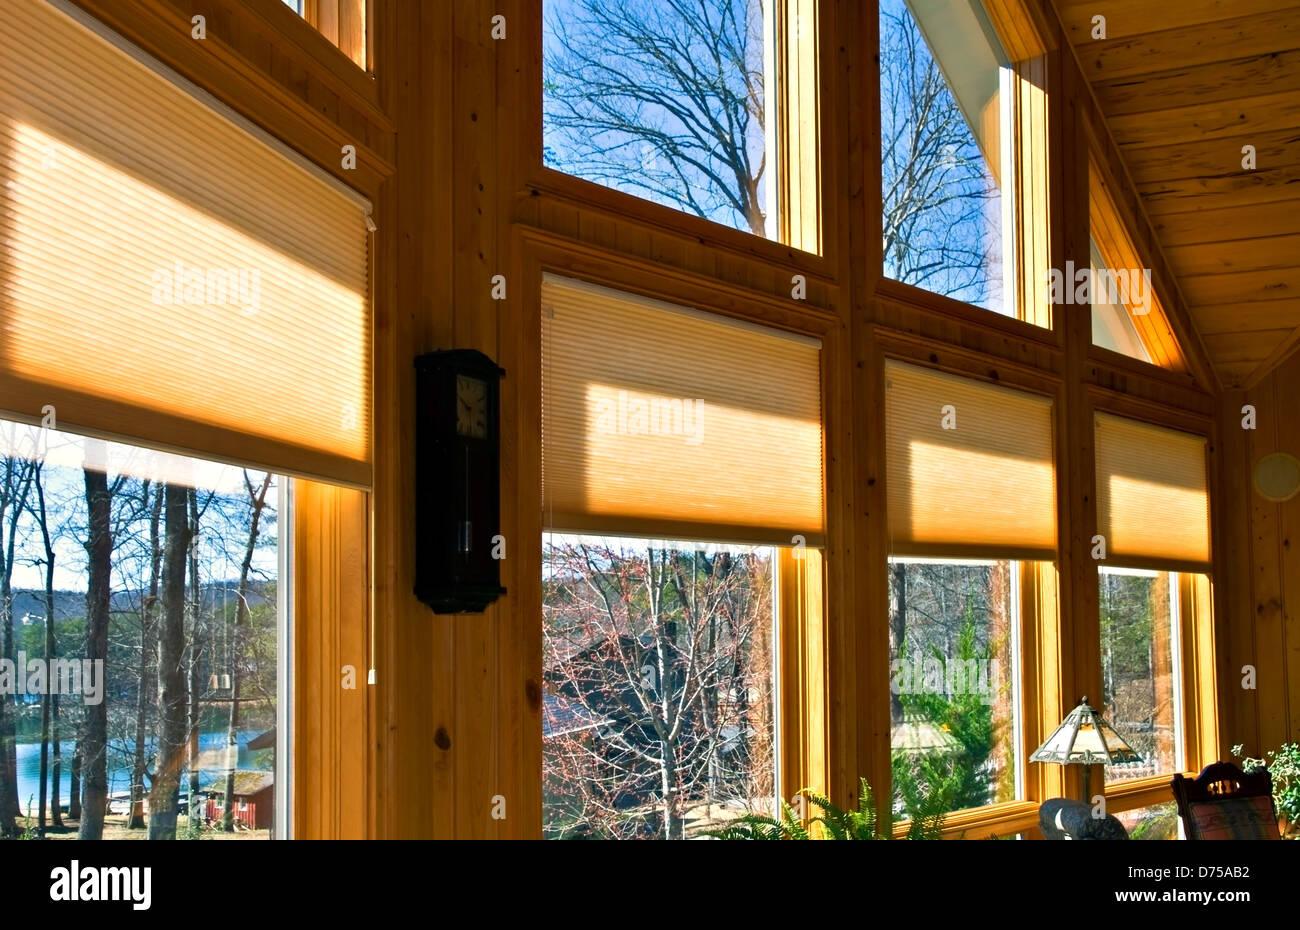 Grandi finestre in una casa che mostra la finestra trattamenti. Immagini Stock